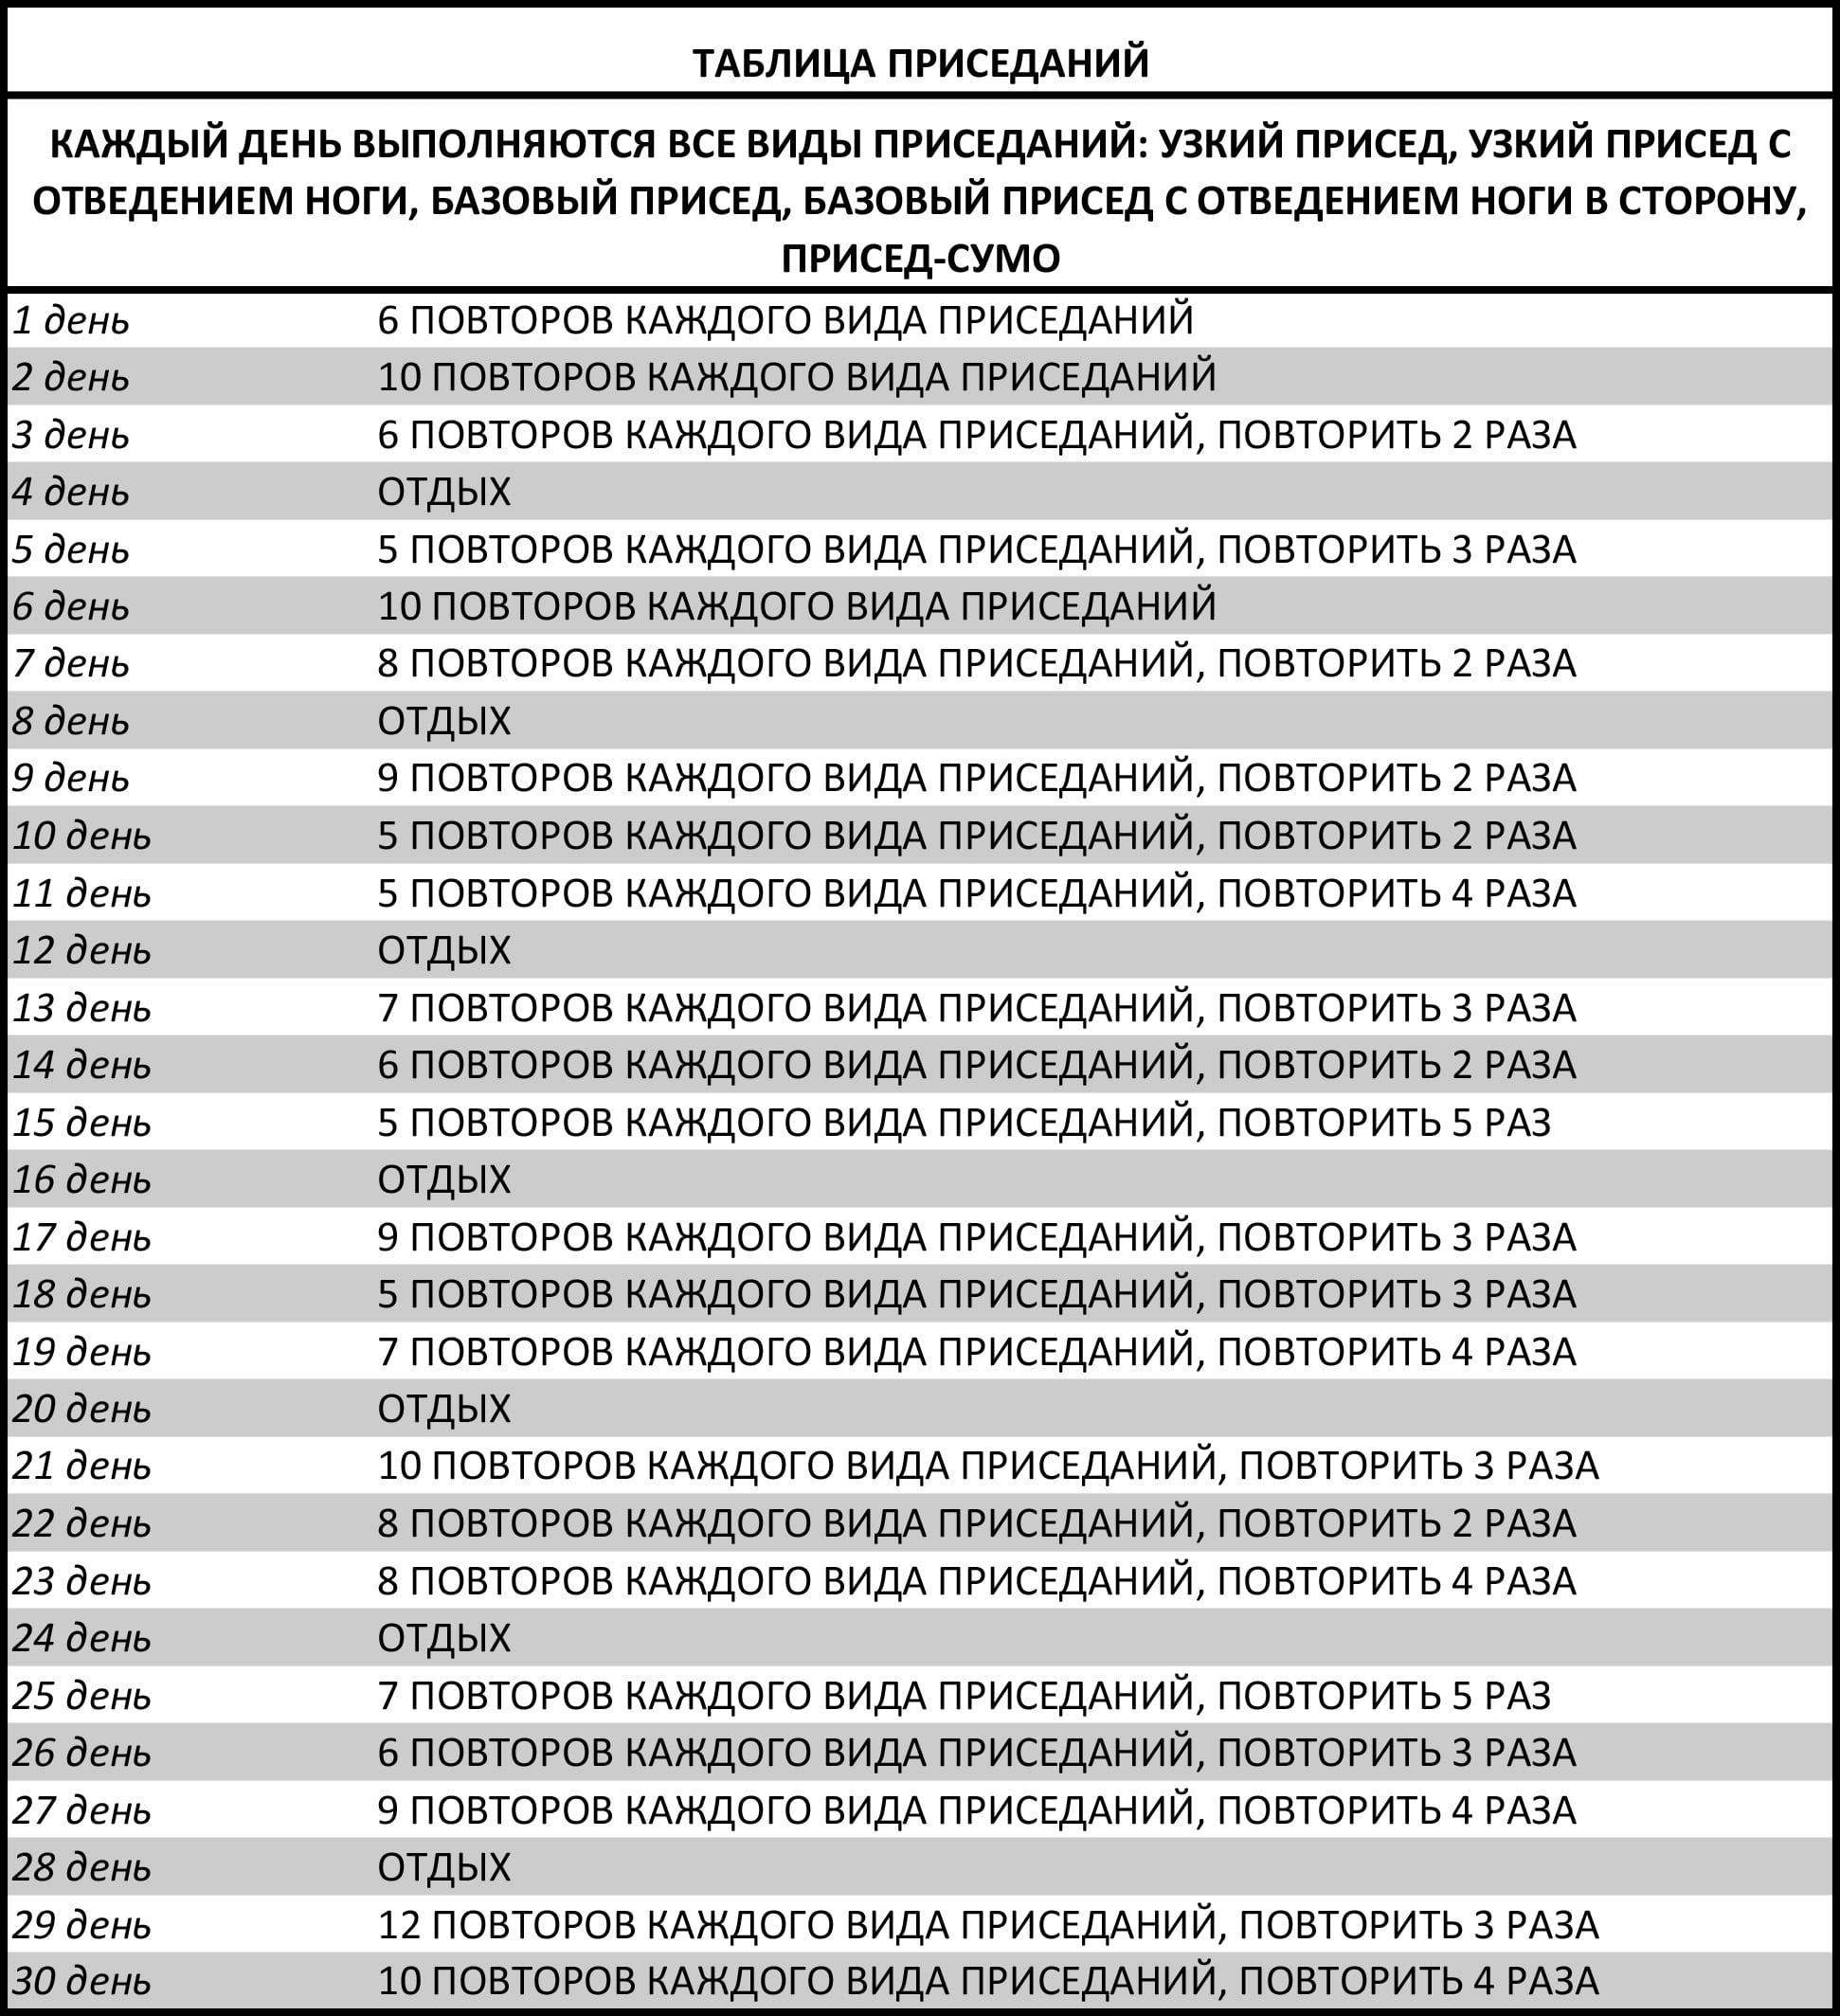 Таблица приседаний на 30 дней для девушек